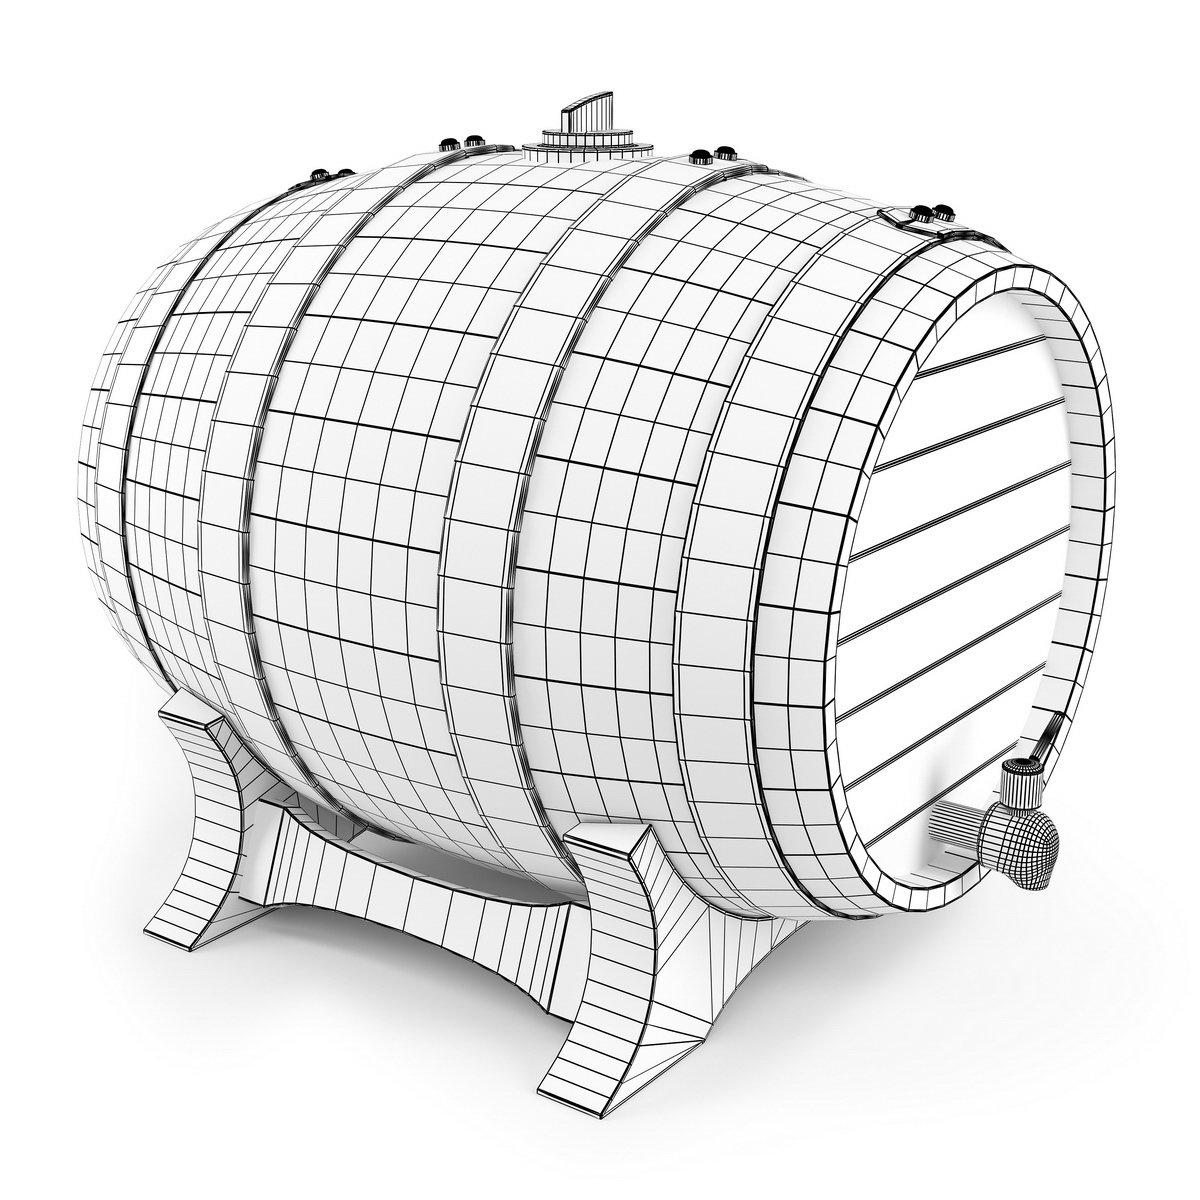 Bản vẽ 3D của thùng rượu gỗ sồi